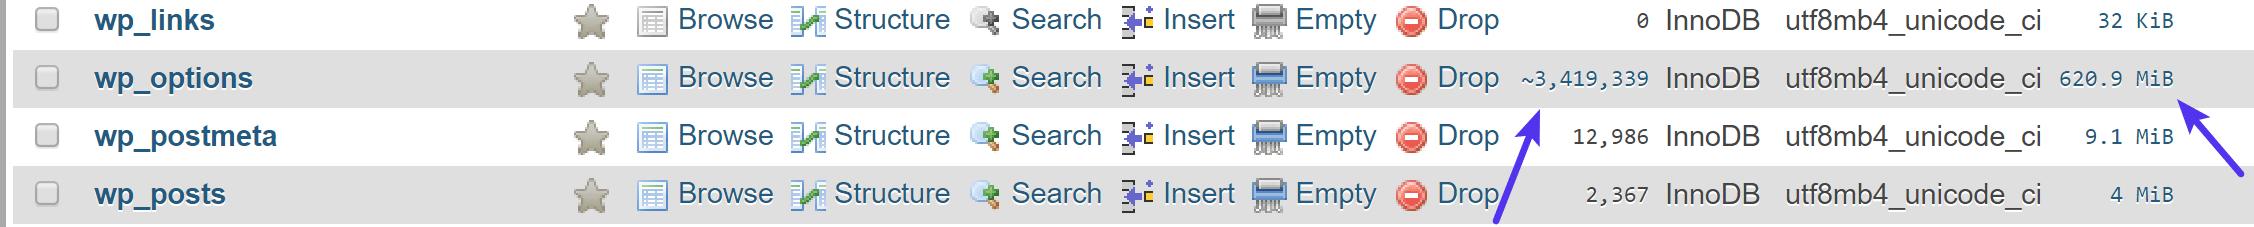 wp_options-taulukko, jossa on miljoonia rivejä